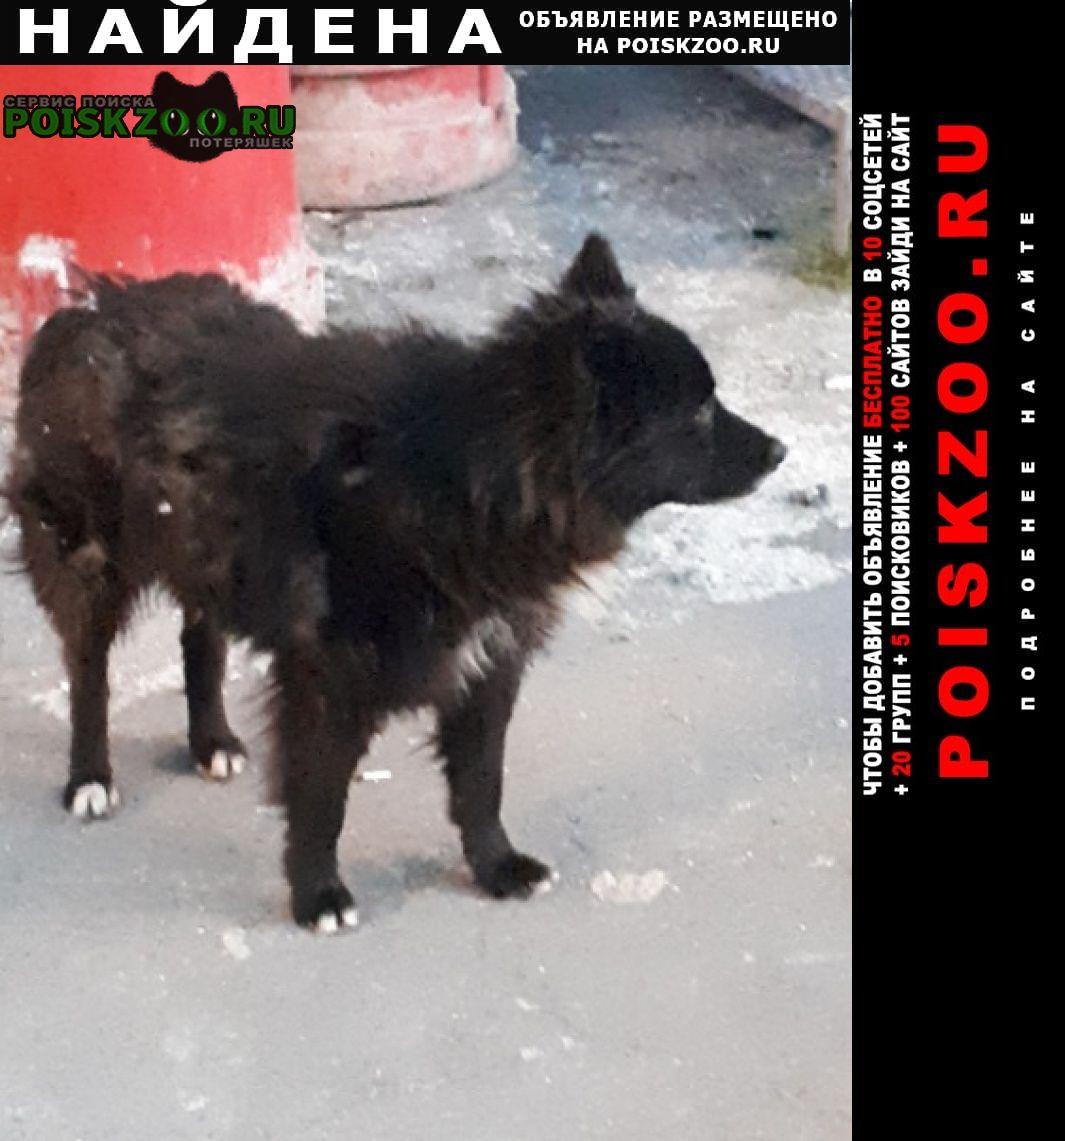 Найдена собака черная лохматая Москва